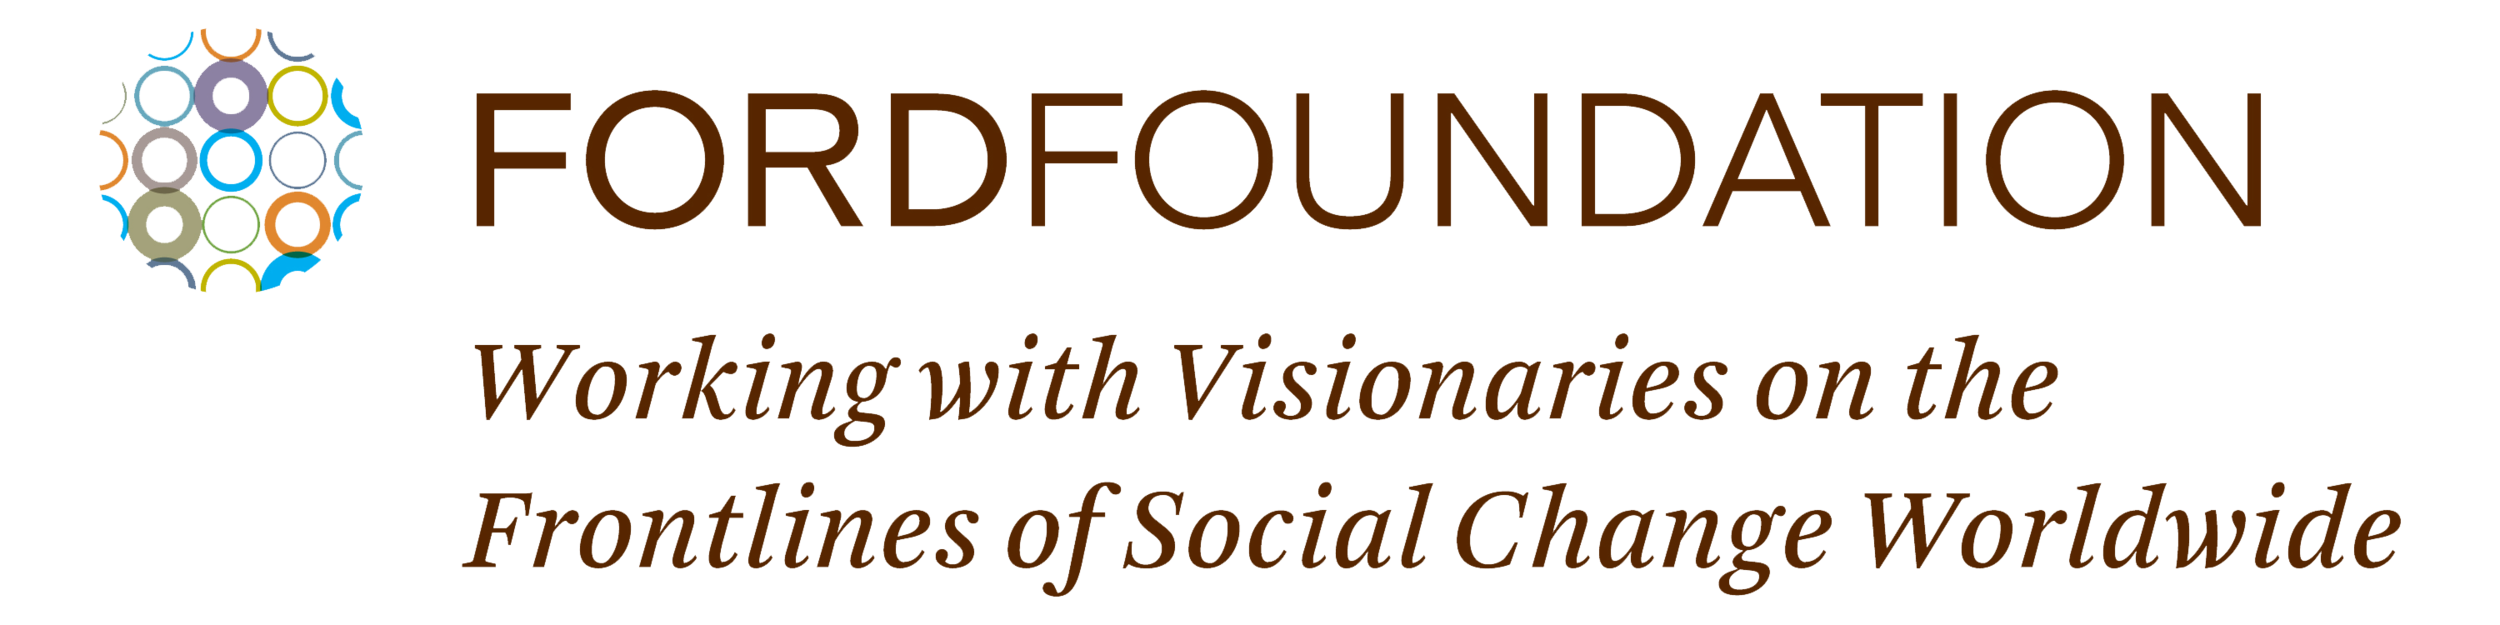 FordFoundation_color_Logo_tagline.jpeg